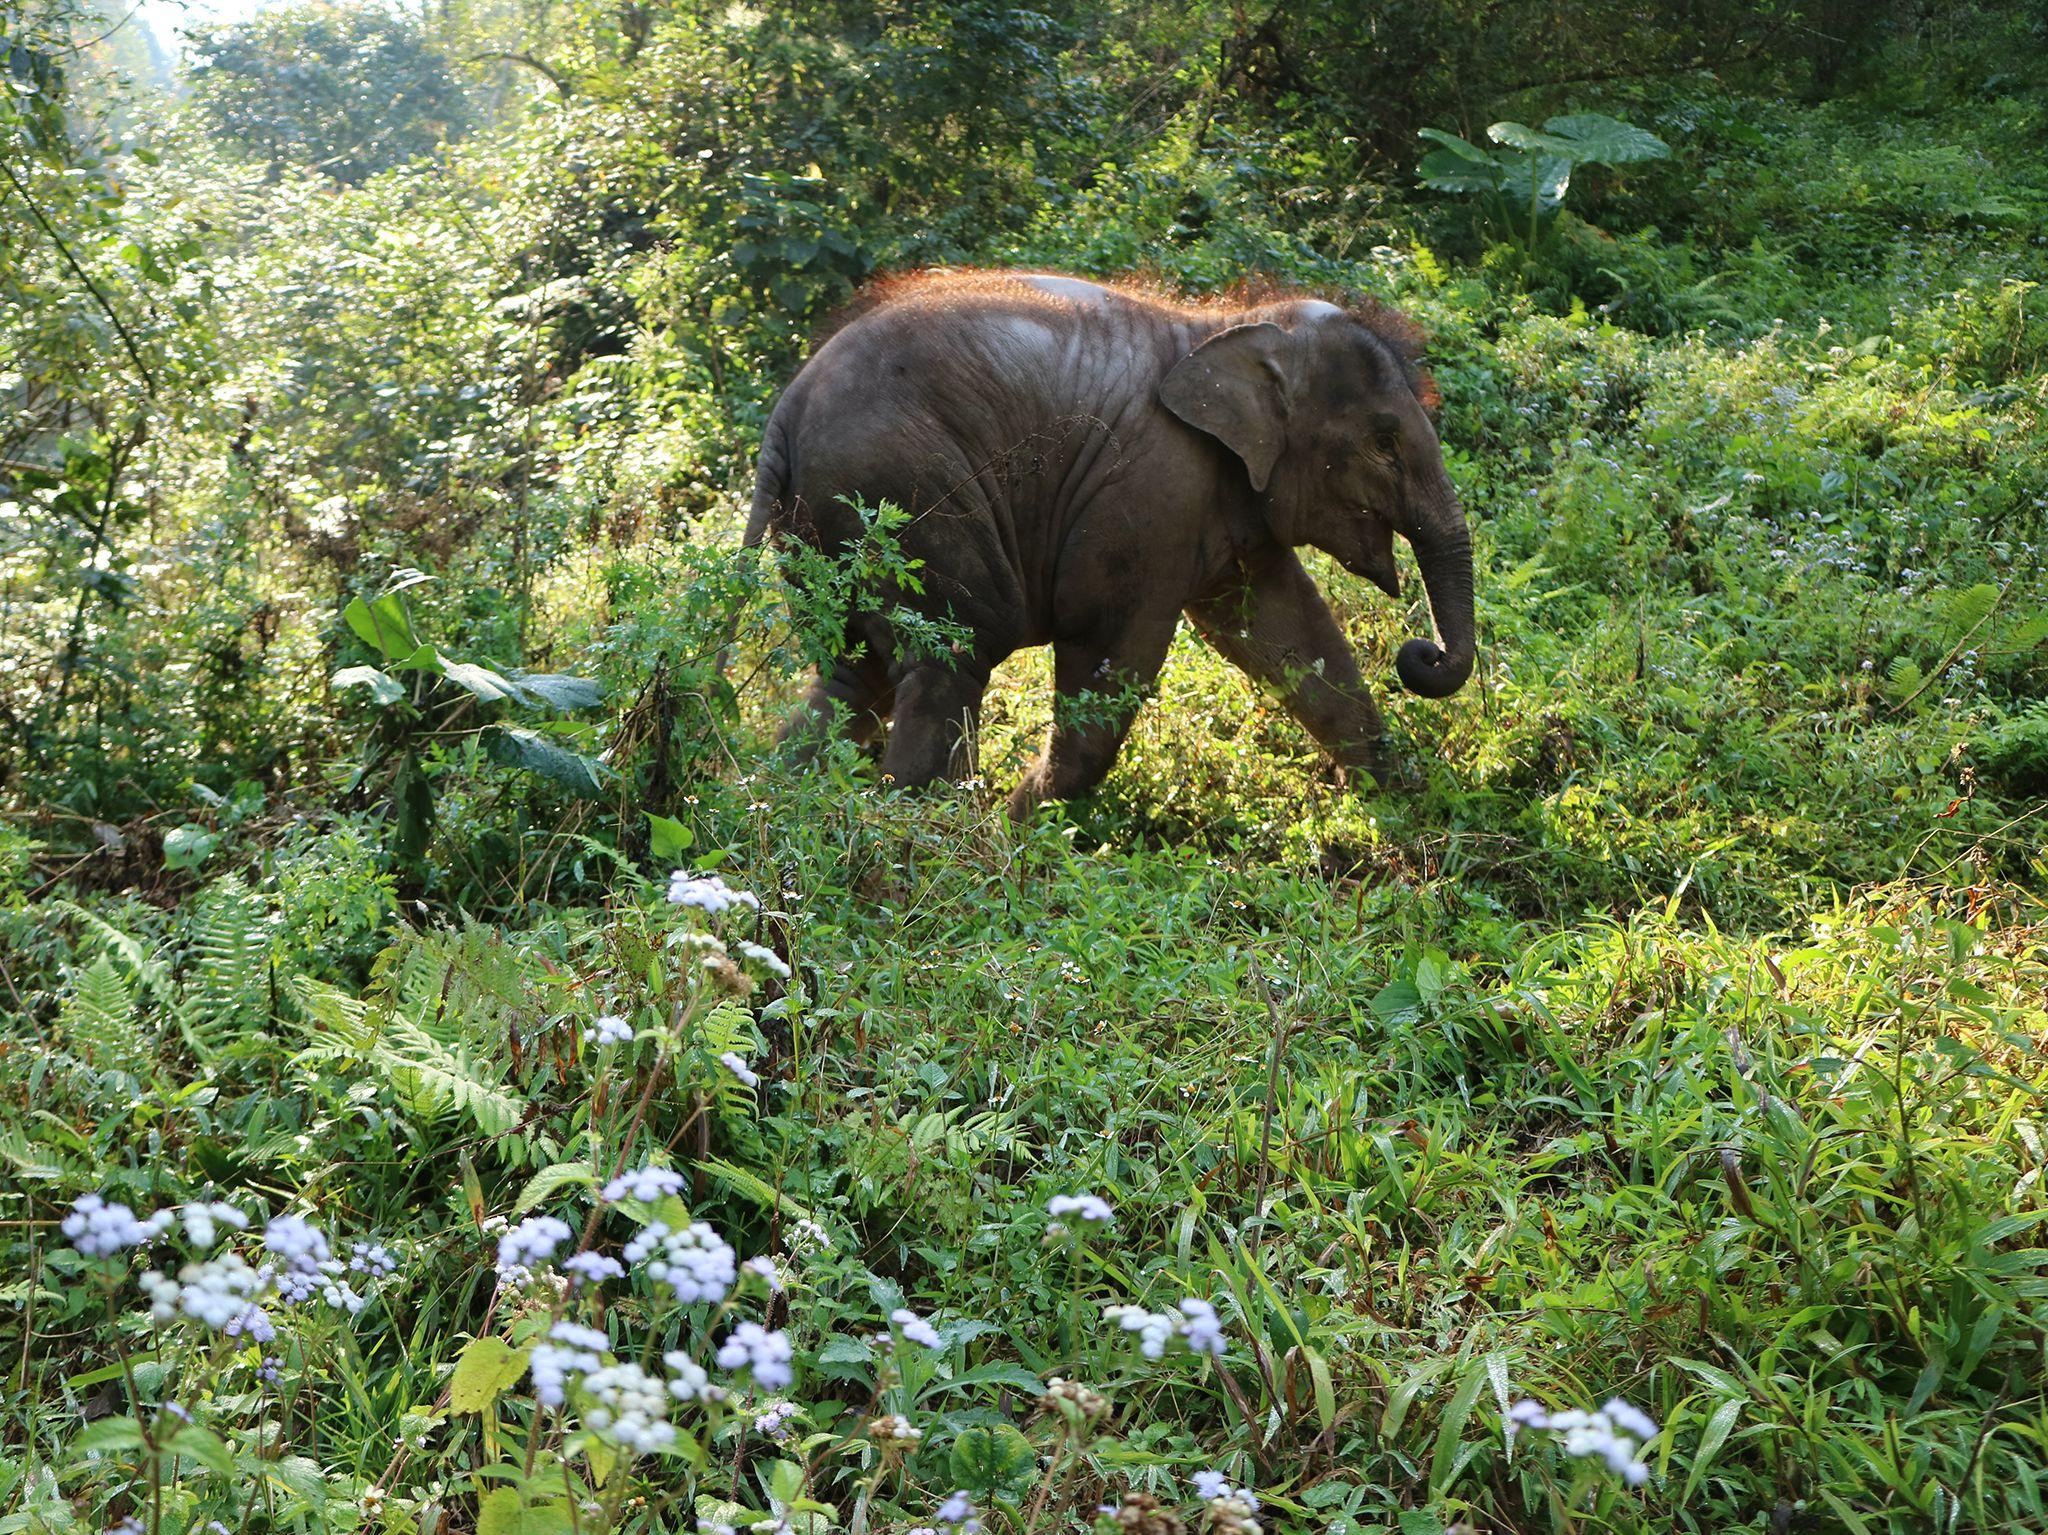 حديقة شيشوانغباننا للأفيال البرية، يونان:  فيل آسيوي... [Photo of the day - يونيو 2020]